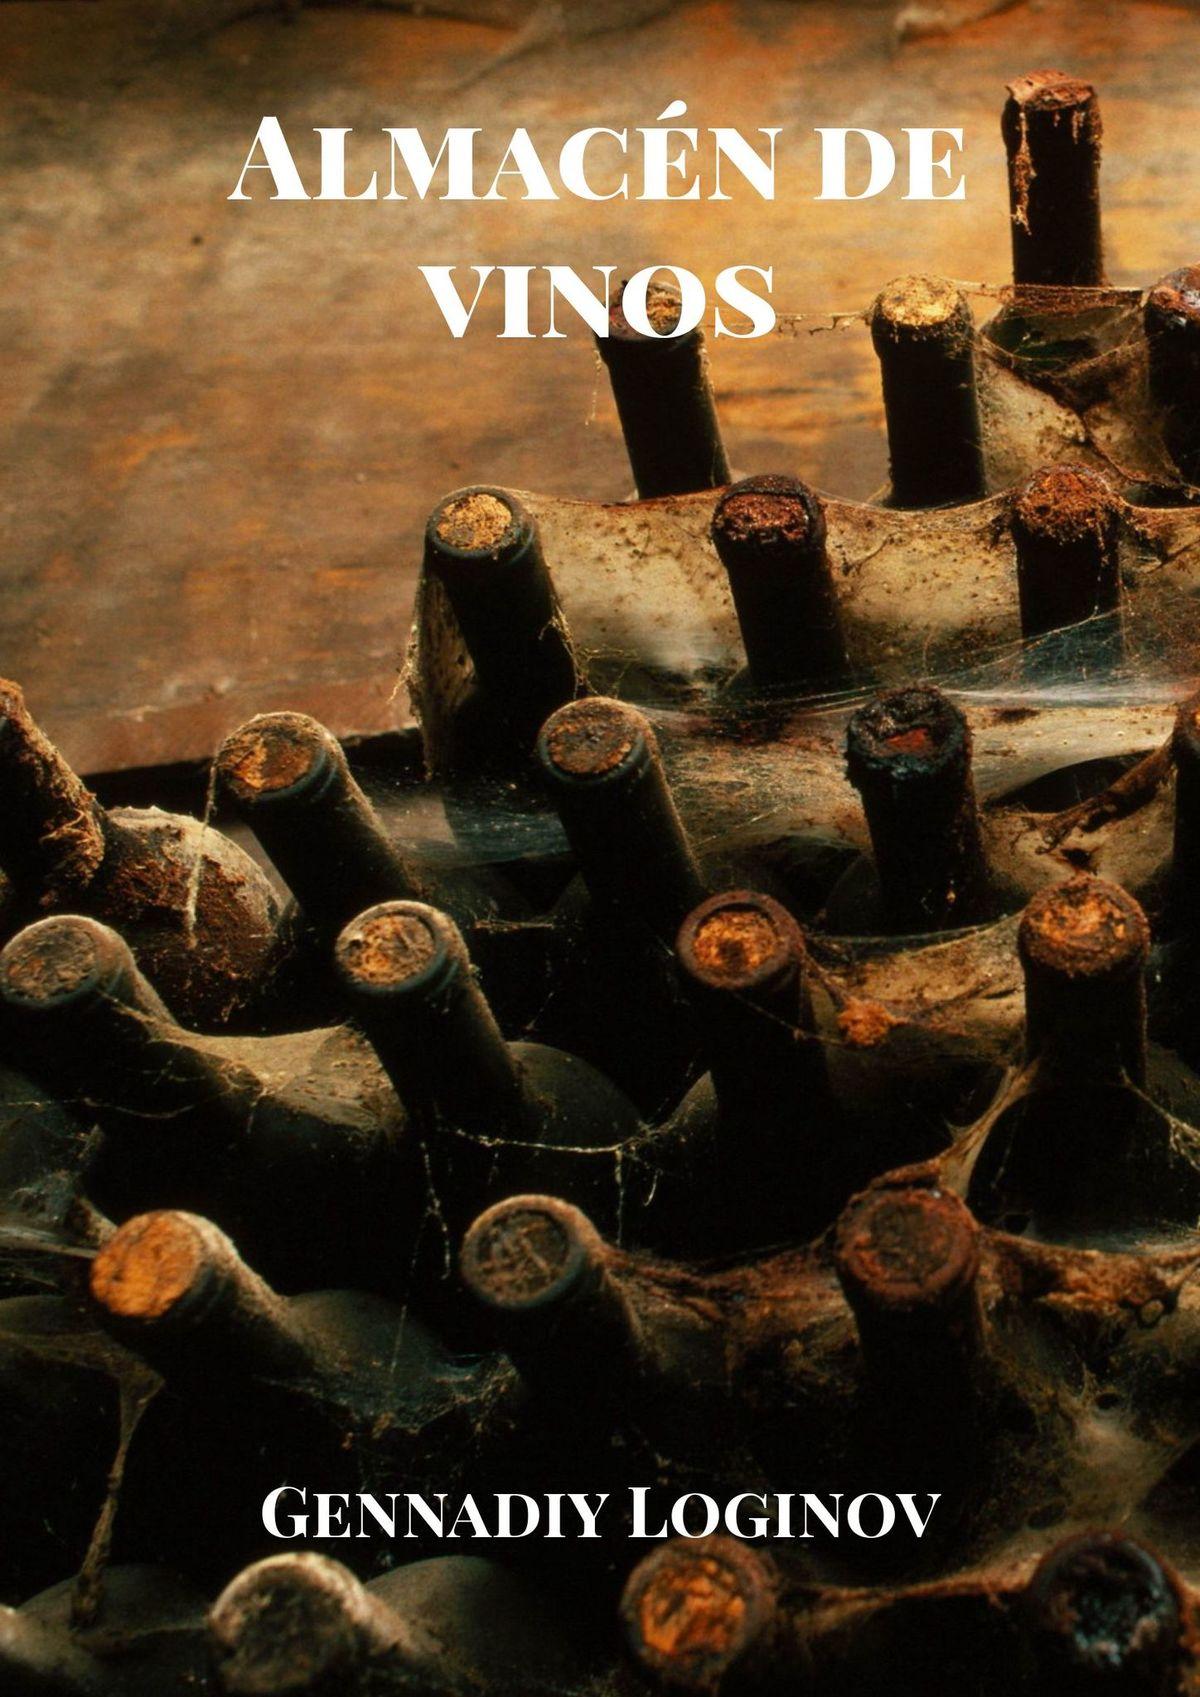 Gennadiy Loginov Almacén de vinos gennadiy loginov big story